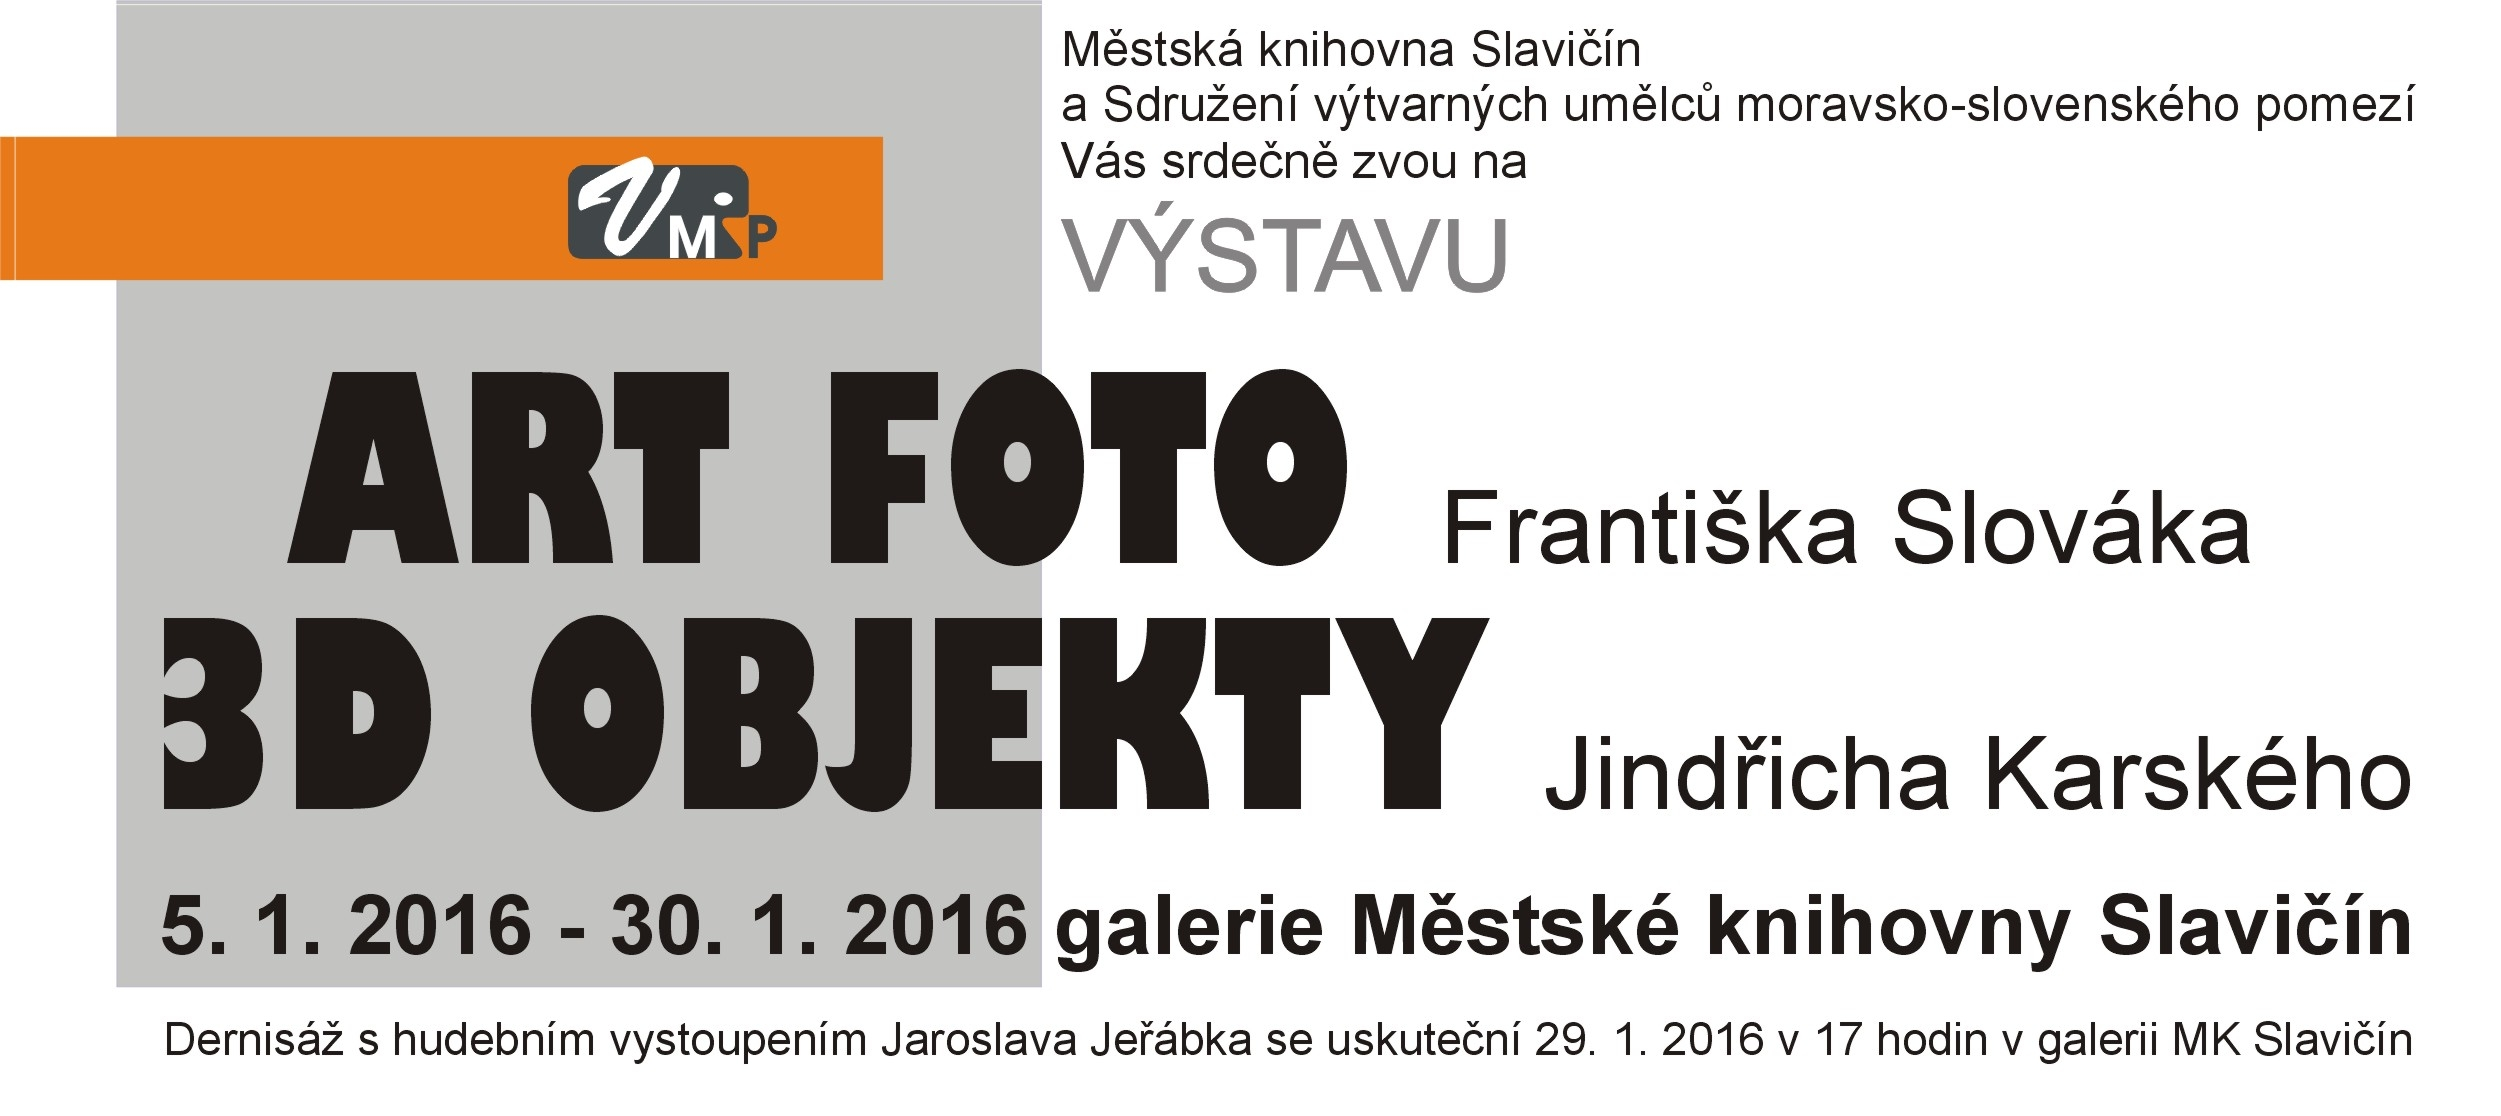 Pozvánka ArtFoto a D objekty-Karský, Slovák 2016, obrázek se otevře v novém okně